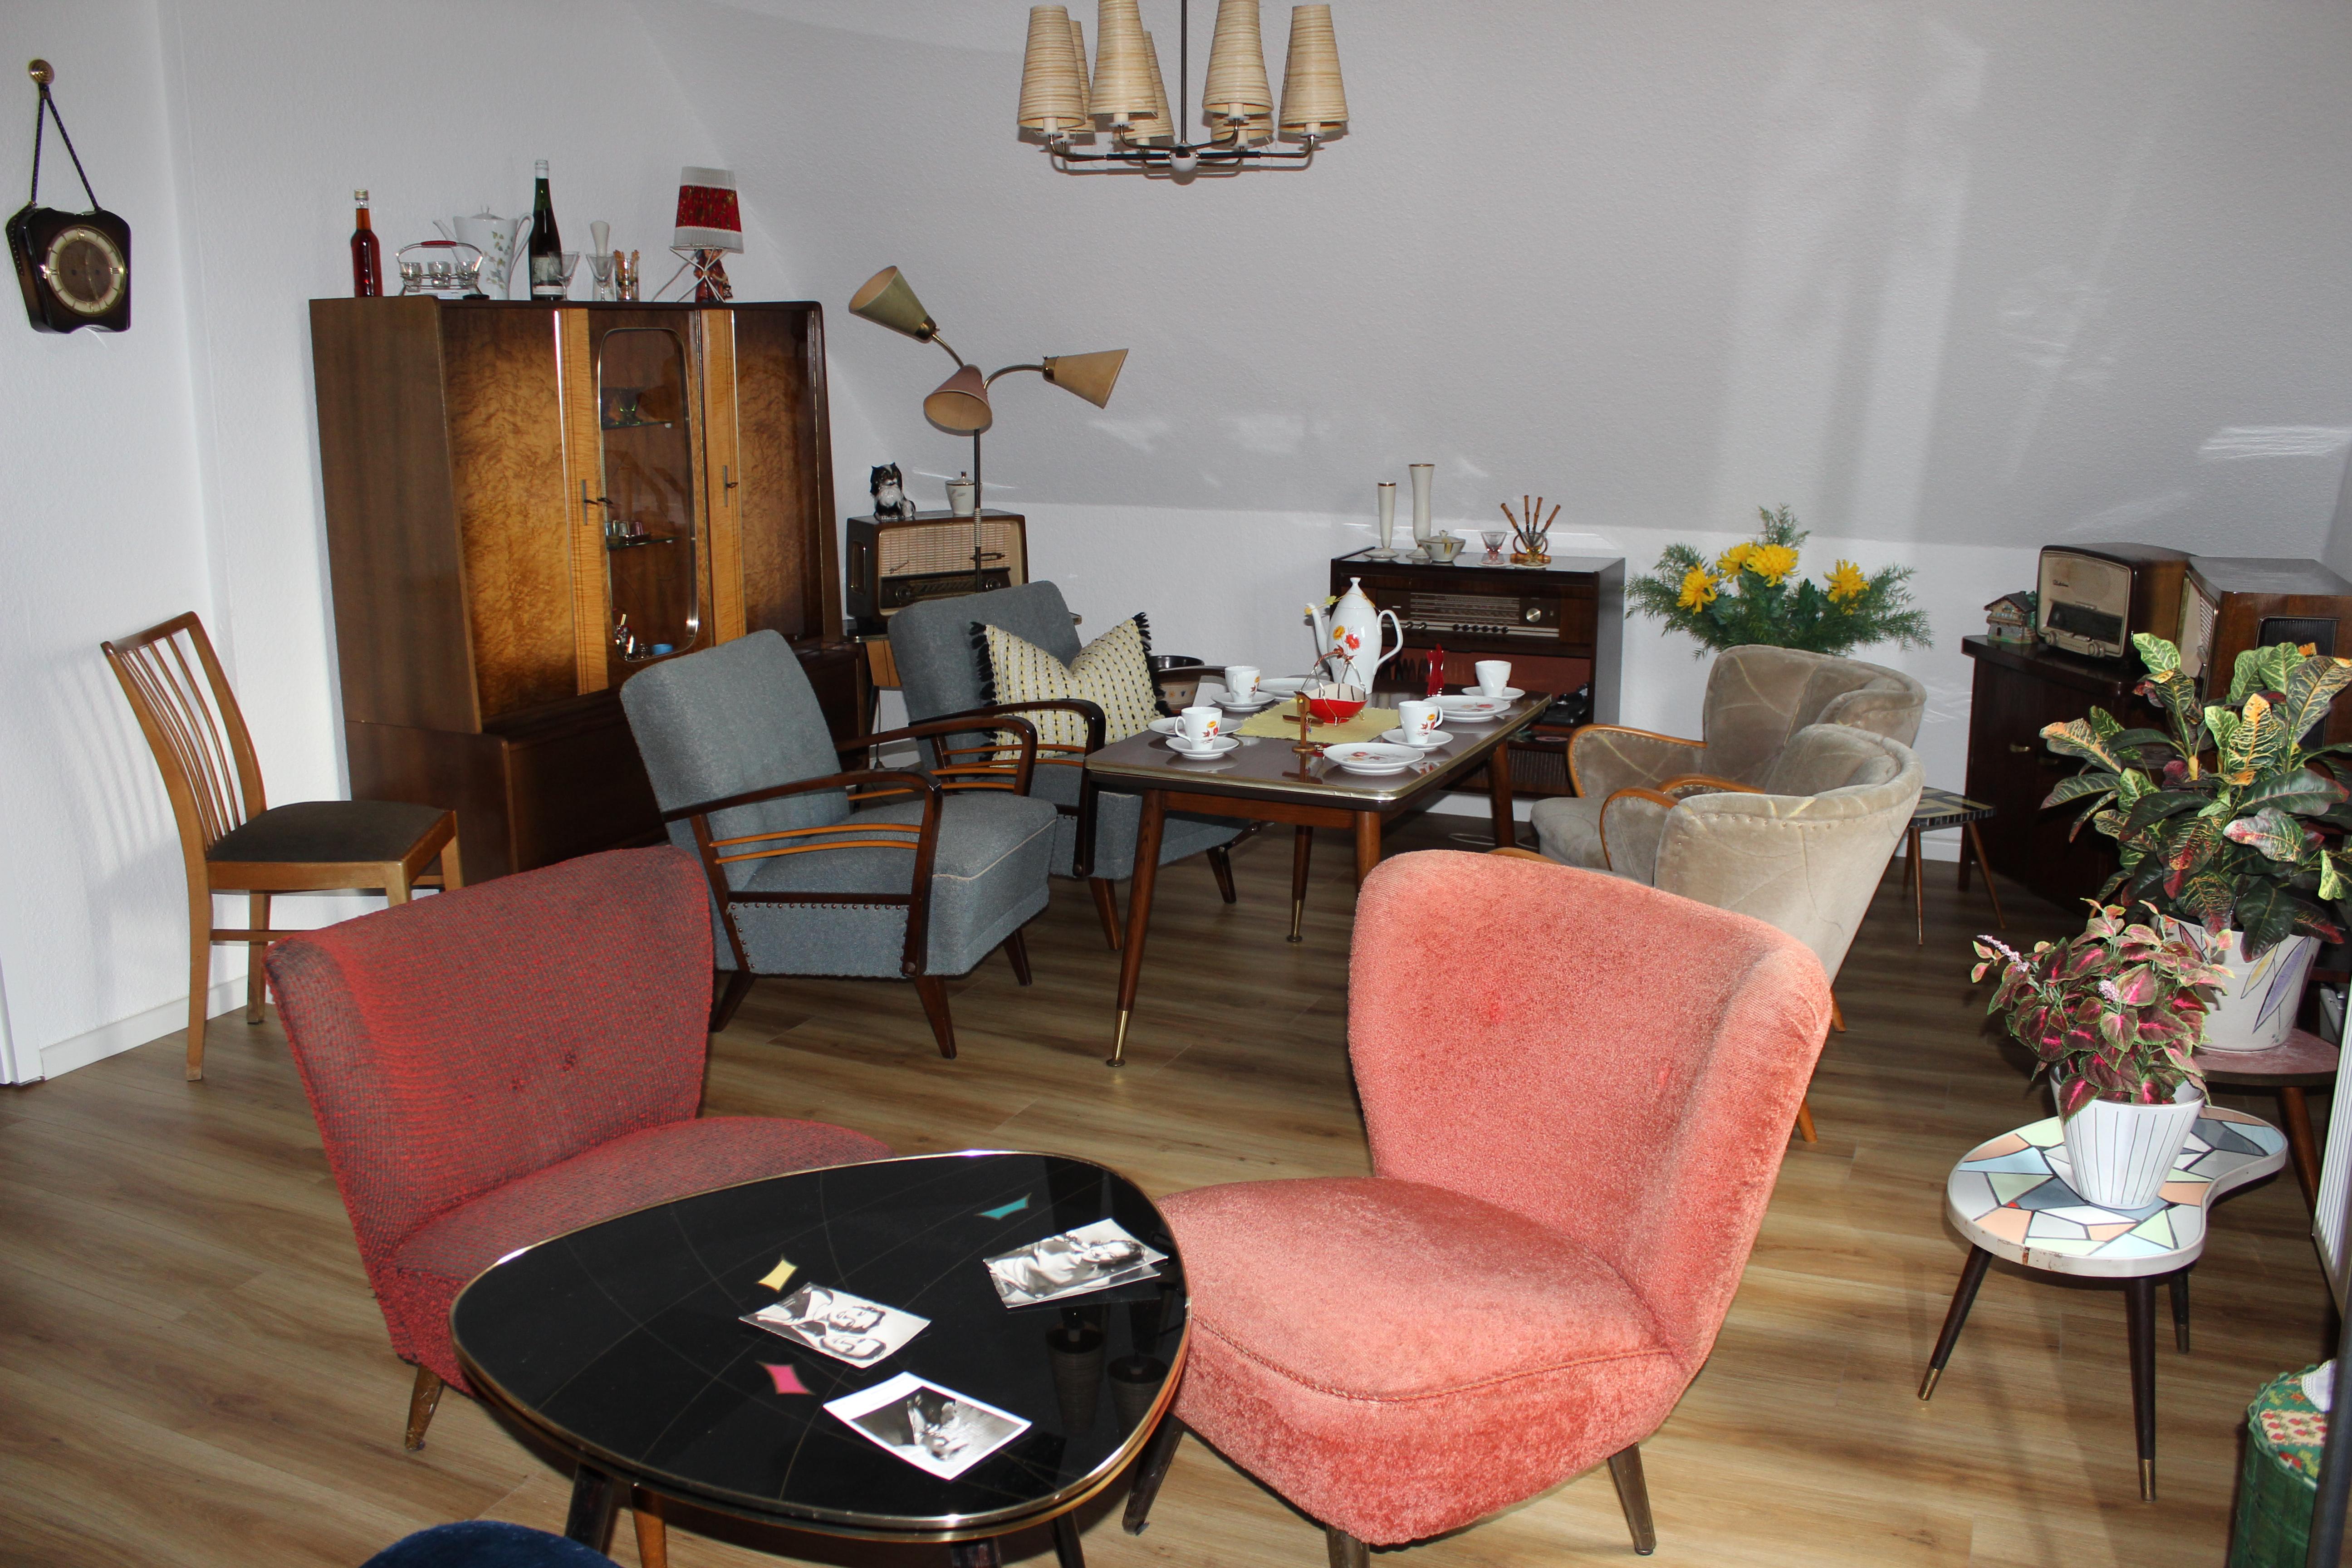 wie lebten die menschen 1950 in arsten arster geschichten. Black Bedroom Furniture Sets. Home Design Ideas